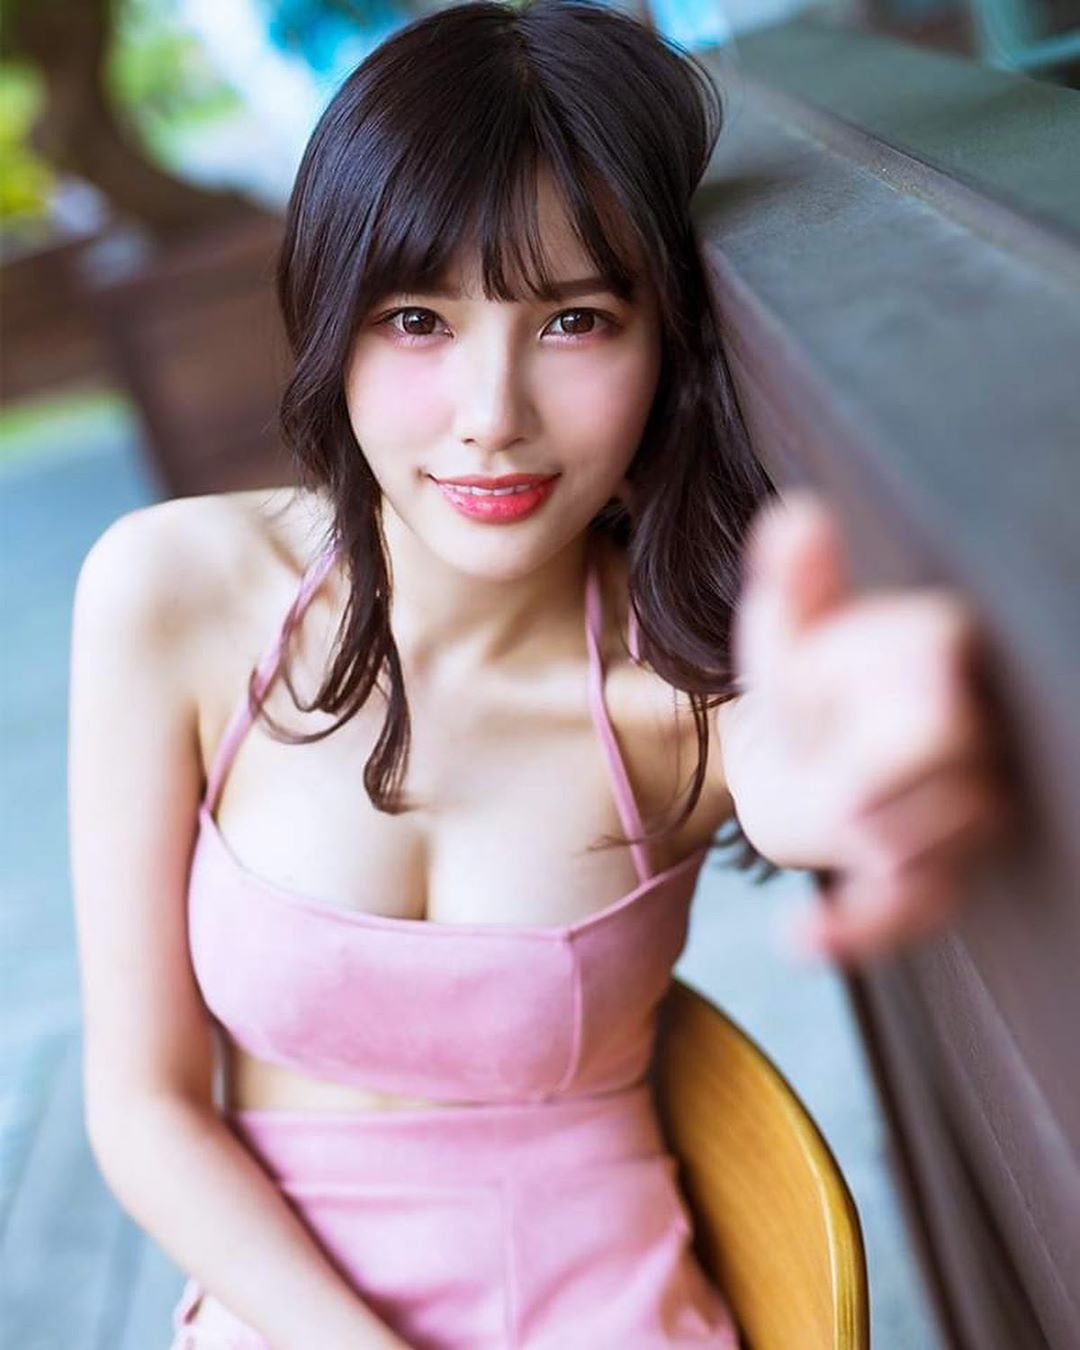 uCP2eN - IG正妹—許小葆